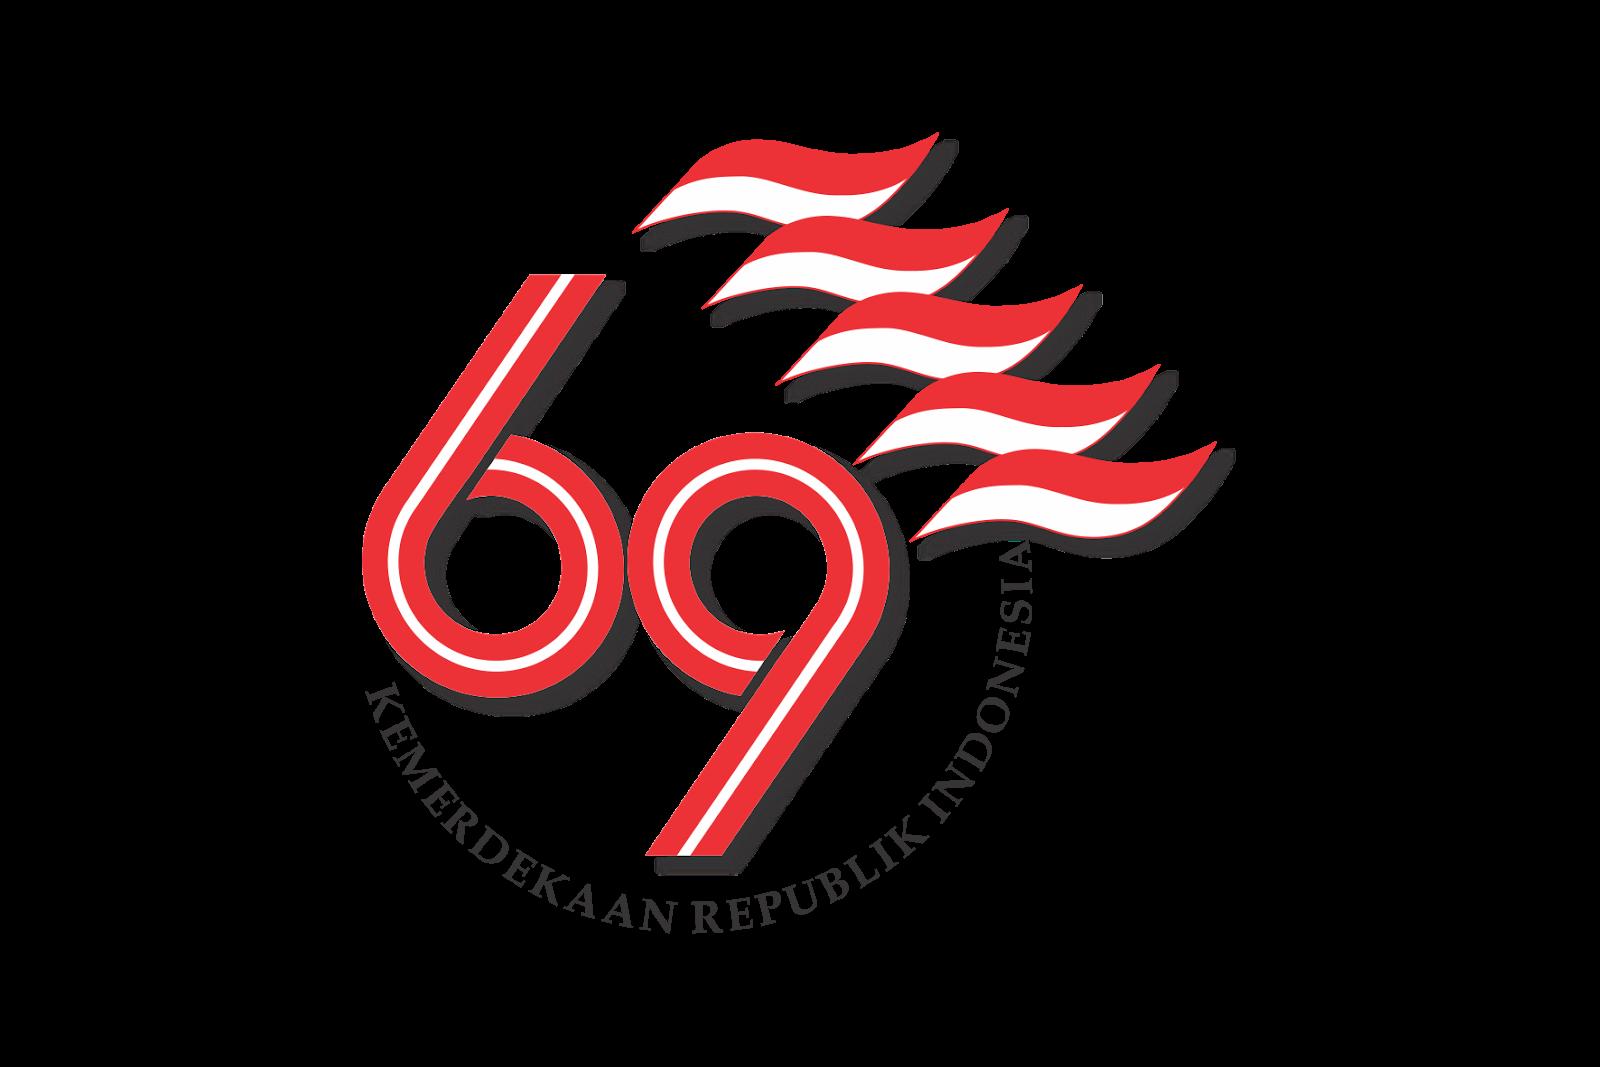 image logo hut ri ke 69